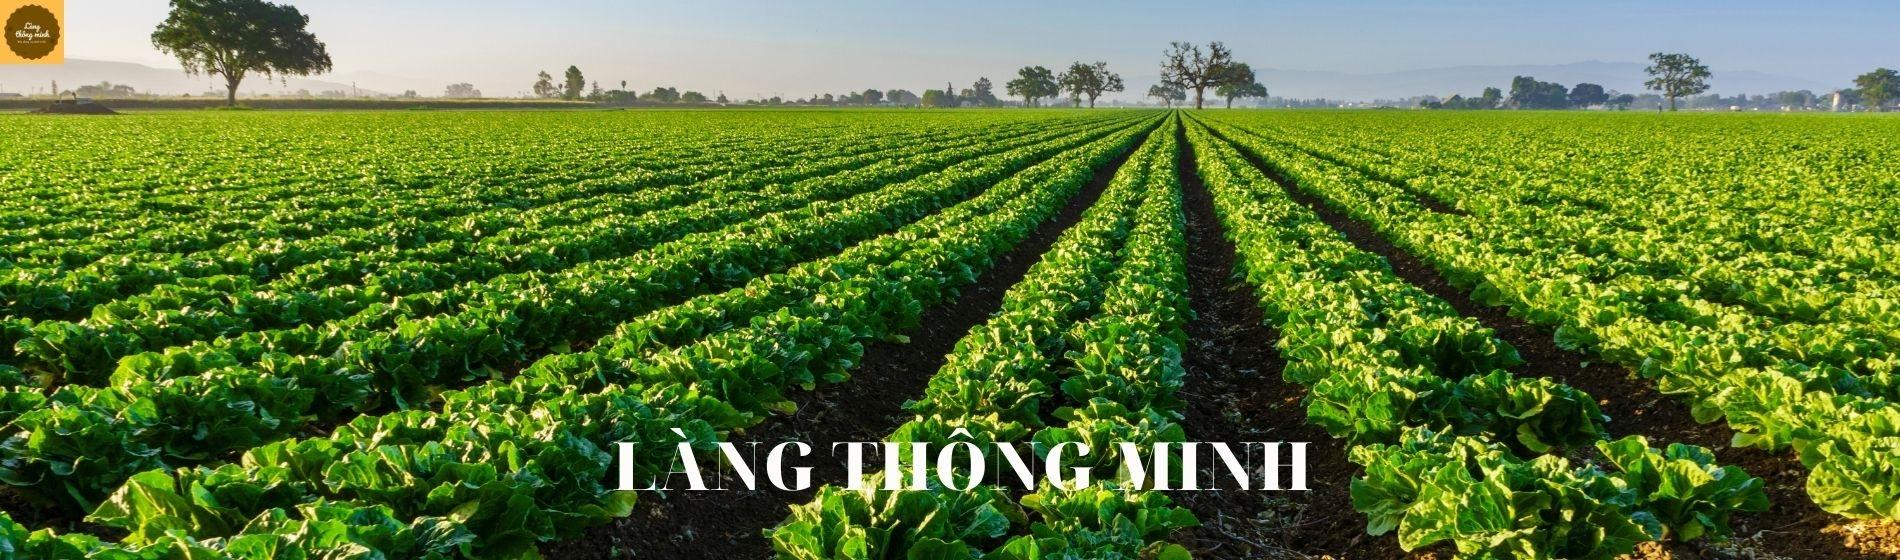 Làng Thông Minh VN (@langthongminhvn) Cover Image